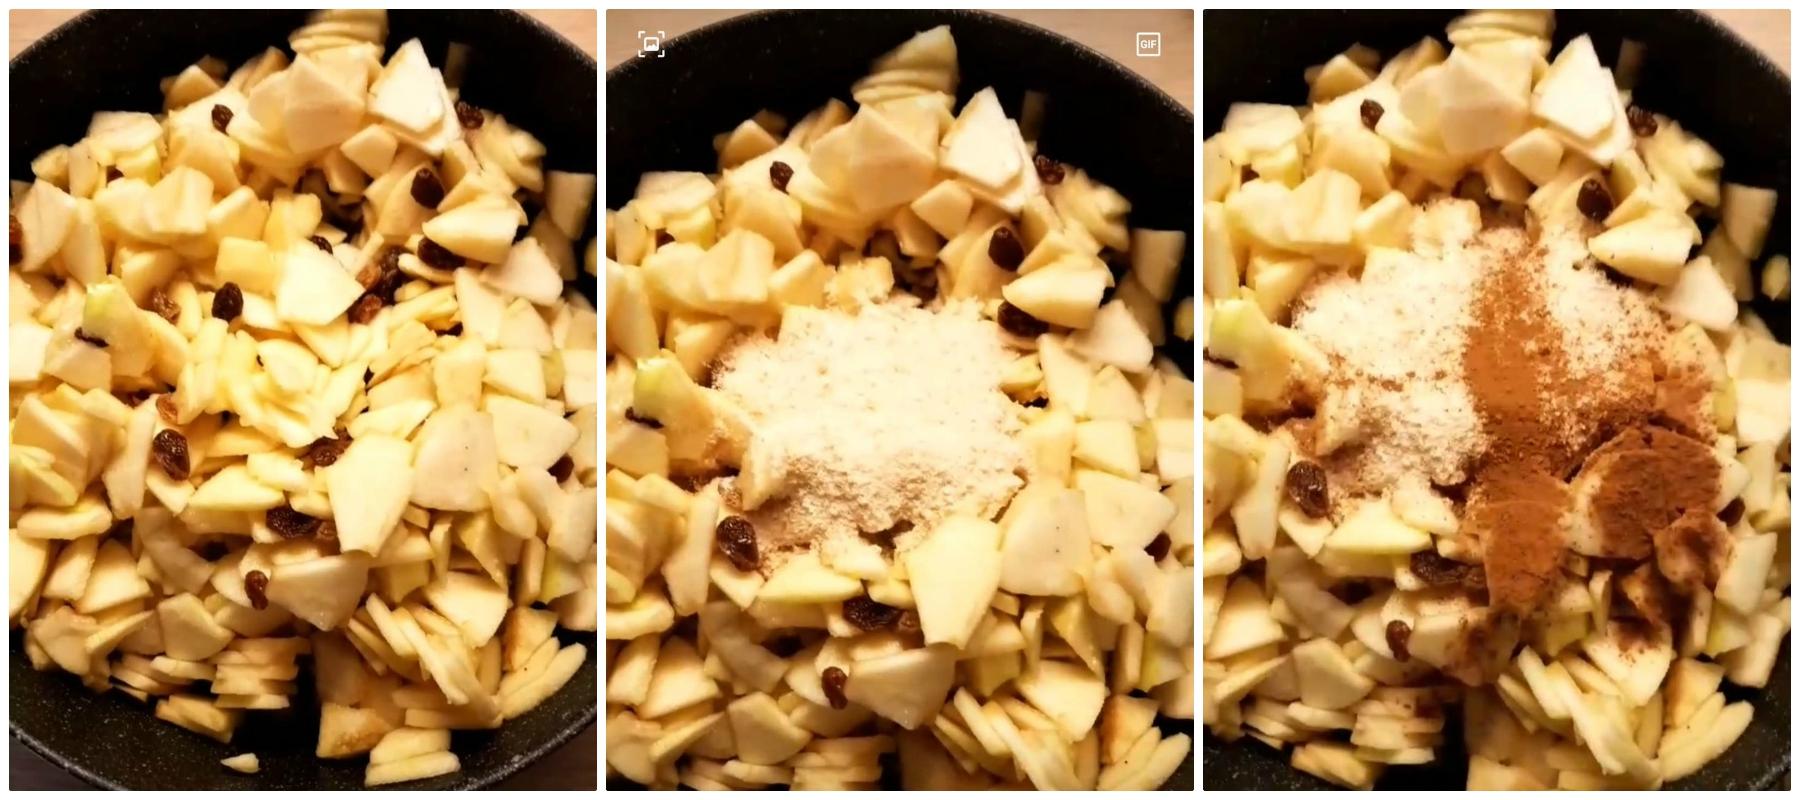 Precottura del ripieno - Strudel con pasta sfoglia ricetta